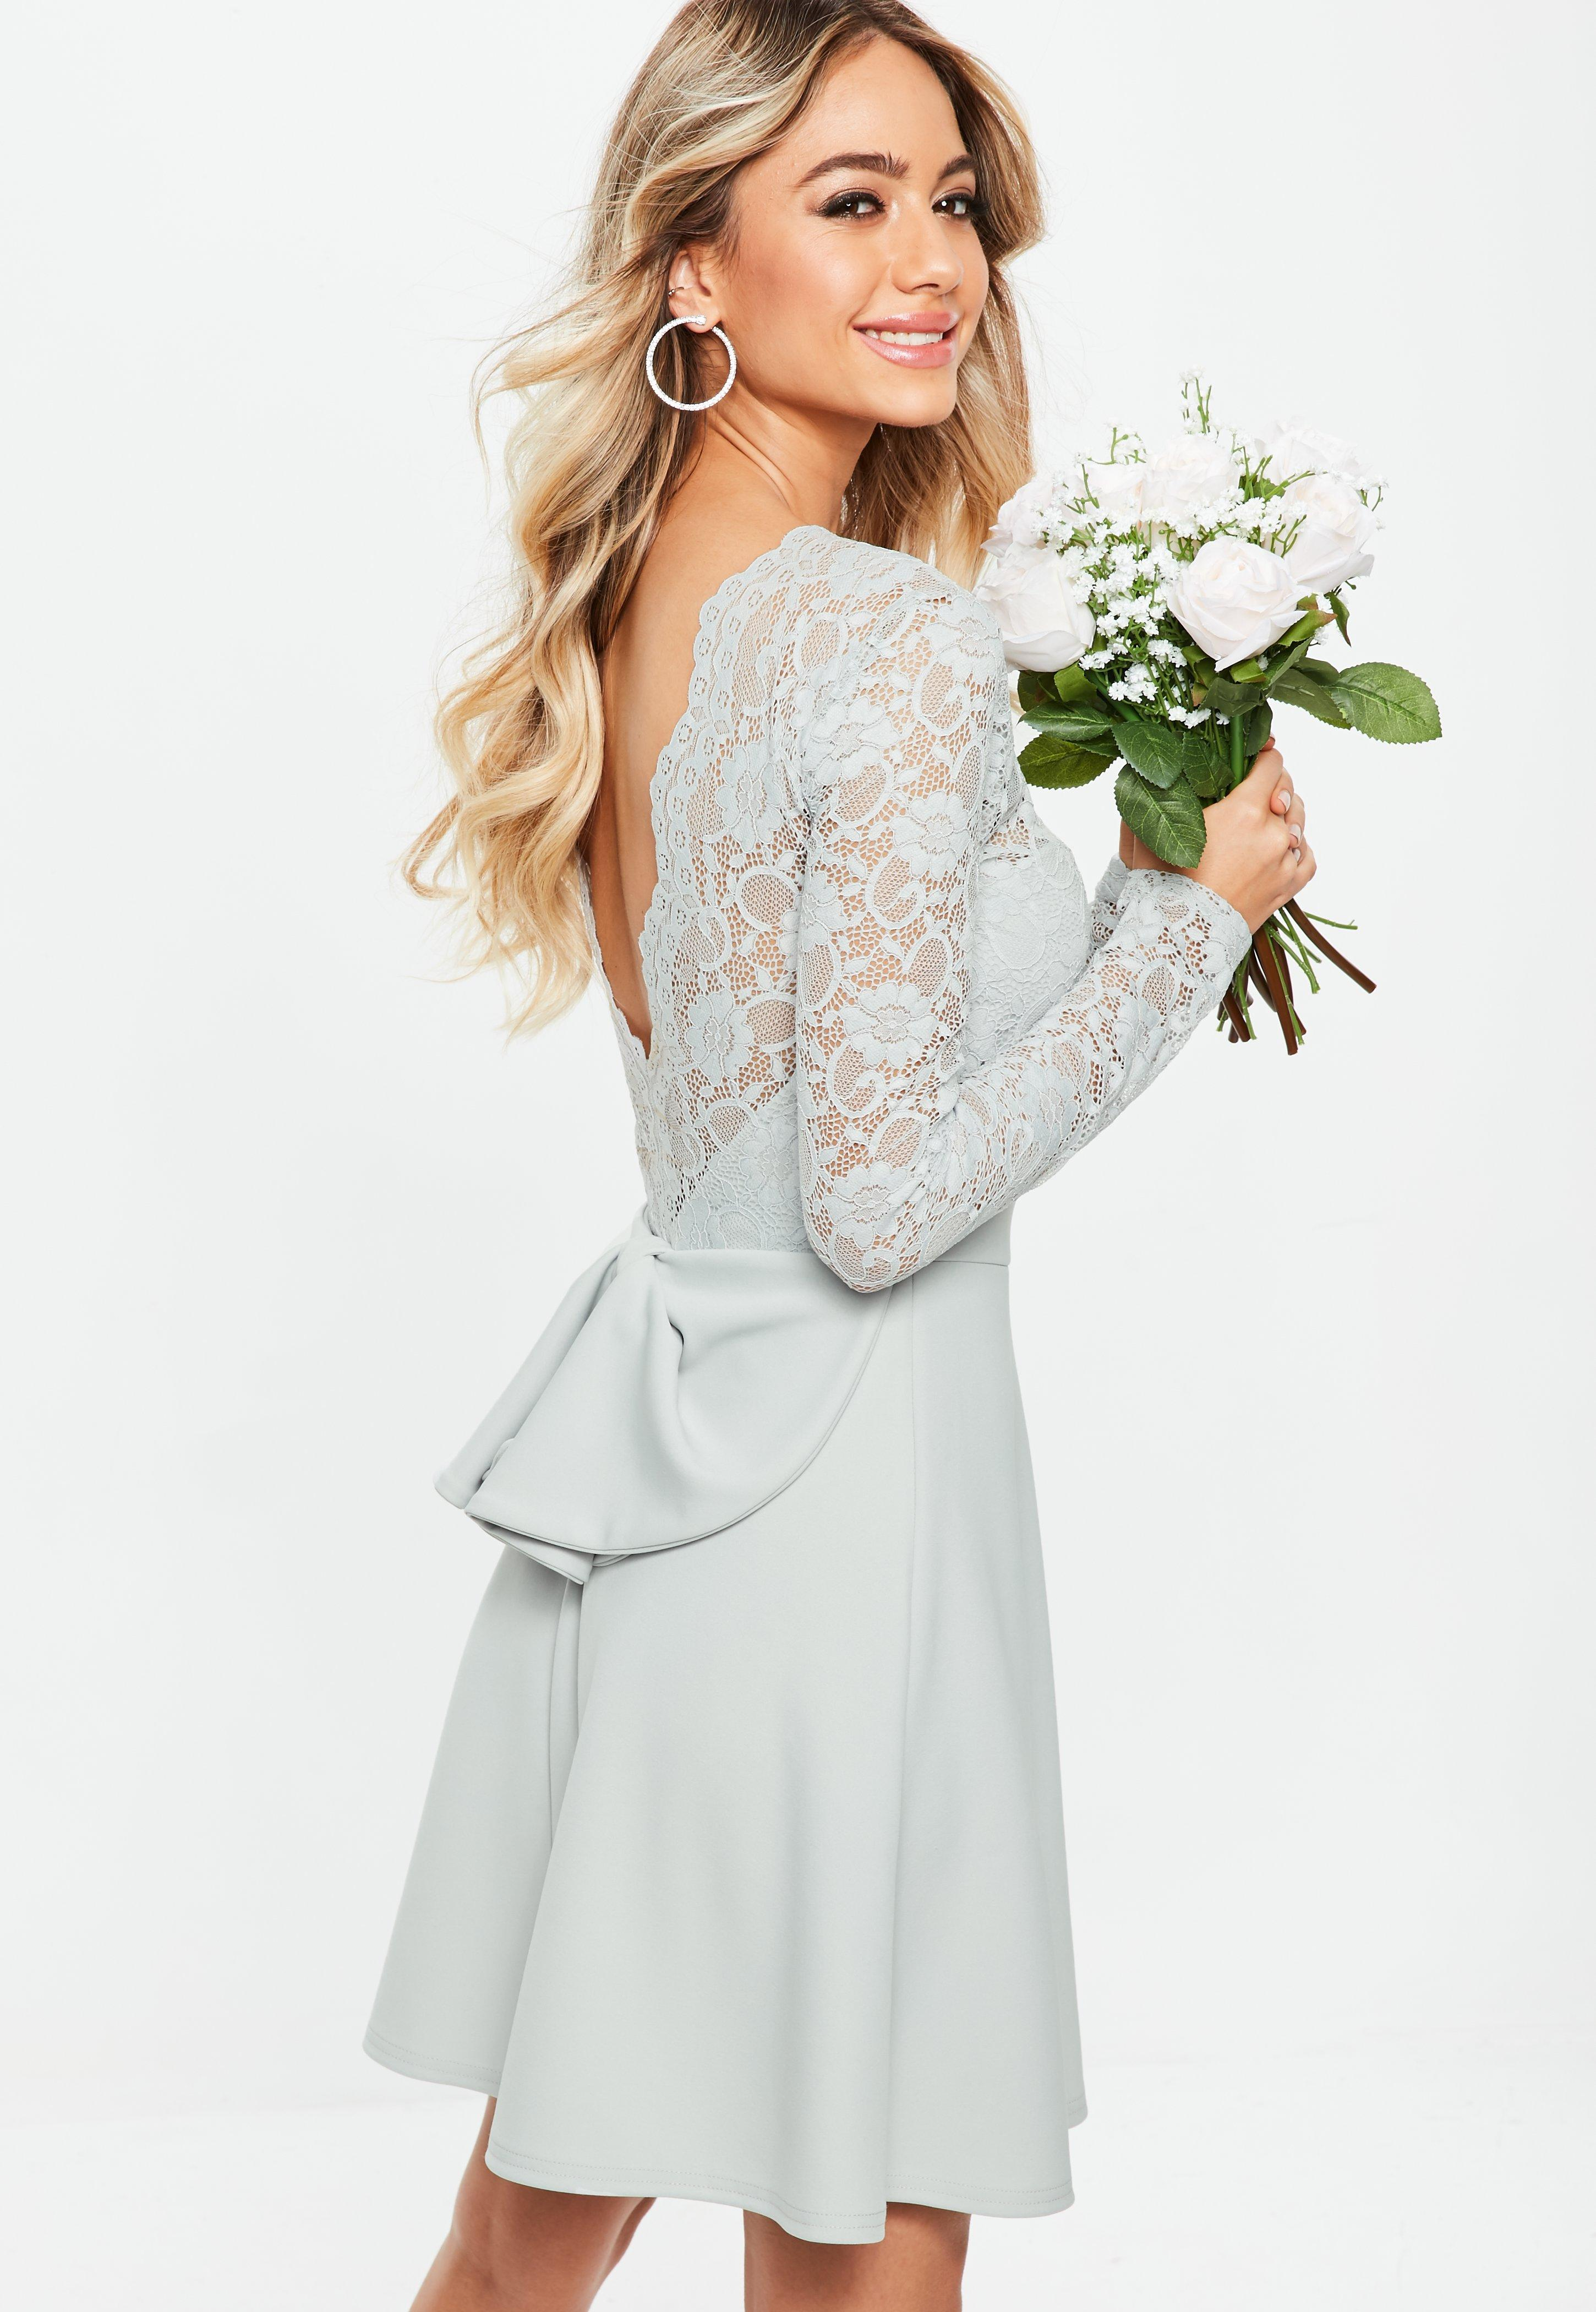 Ausgezeichnet Graue Spitze Brautjunferkleider Fotos - Hochzeit Kleid ...